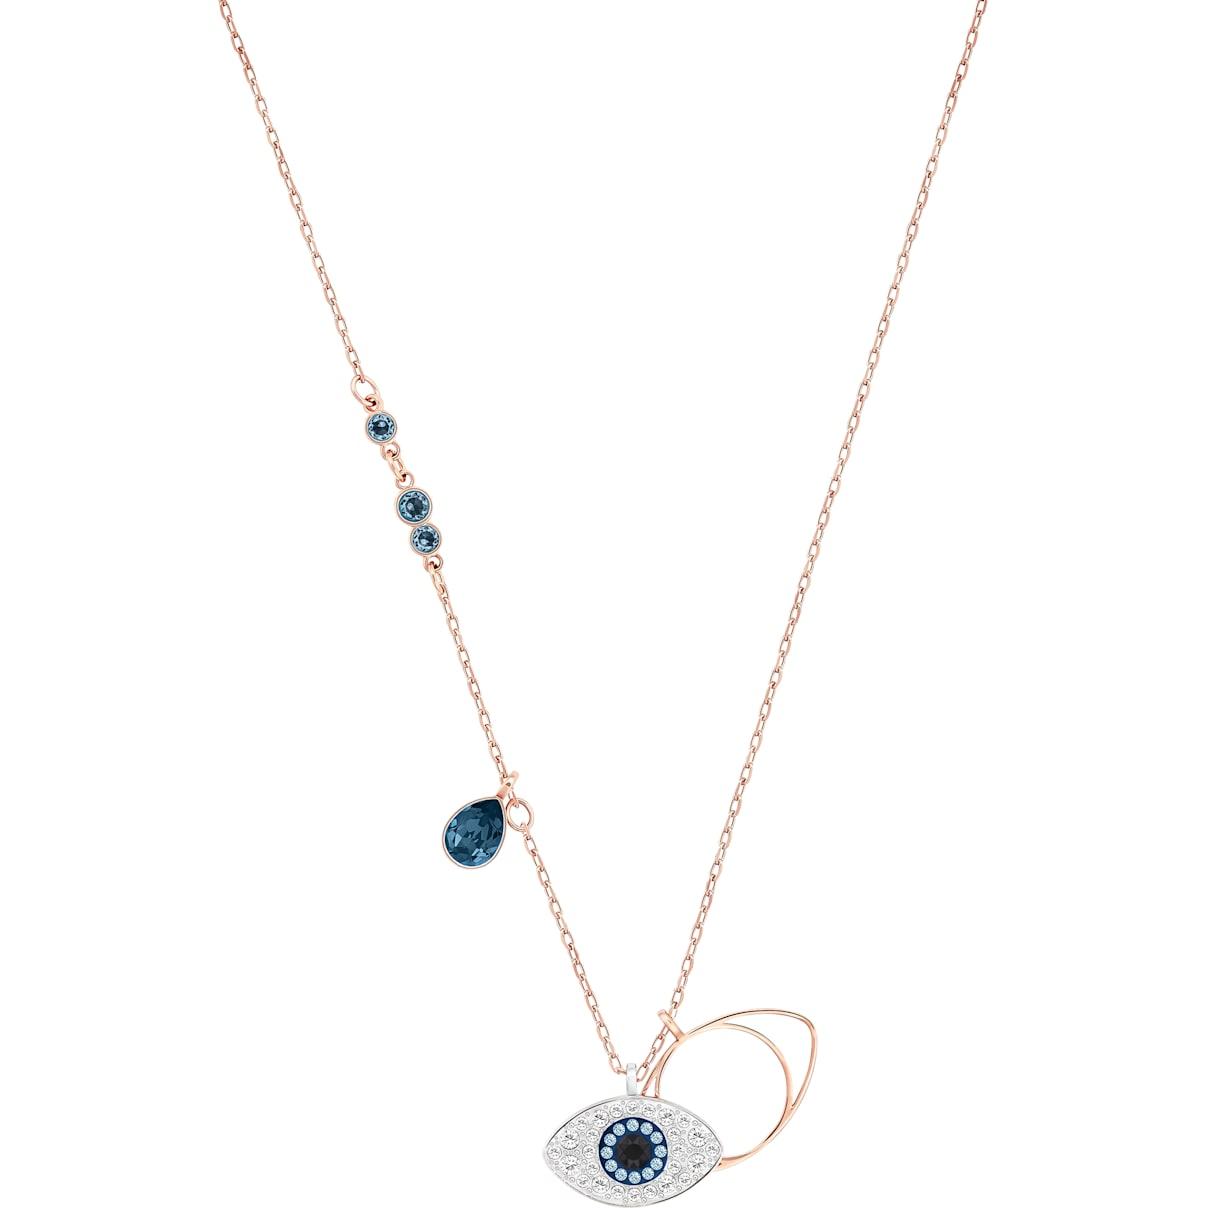 Swarovski Swarovski Symbolic Evil Eye Pendant, Blue, Mixed metal finish